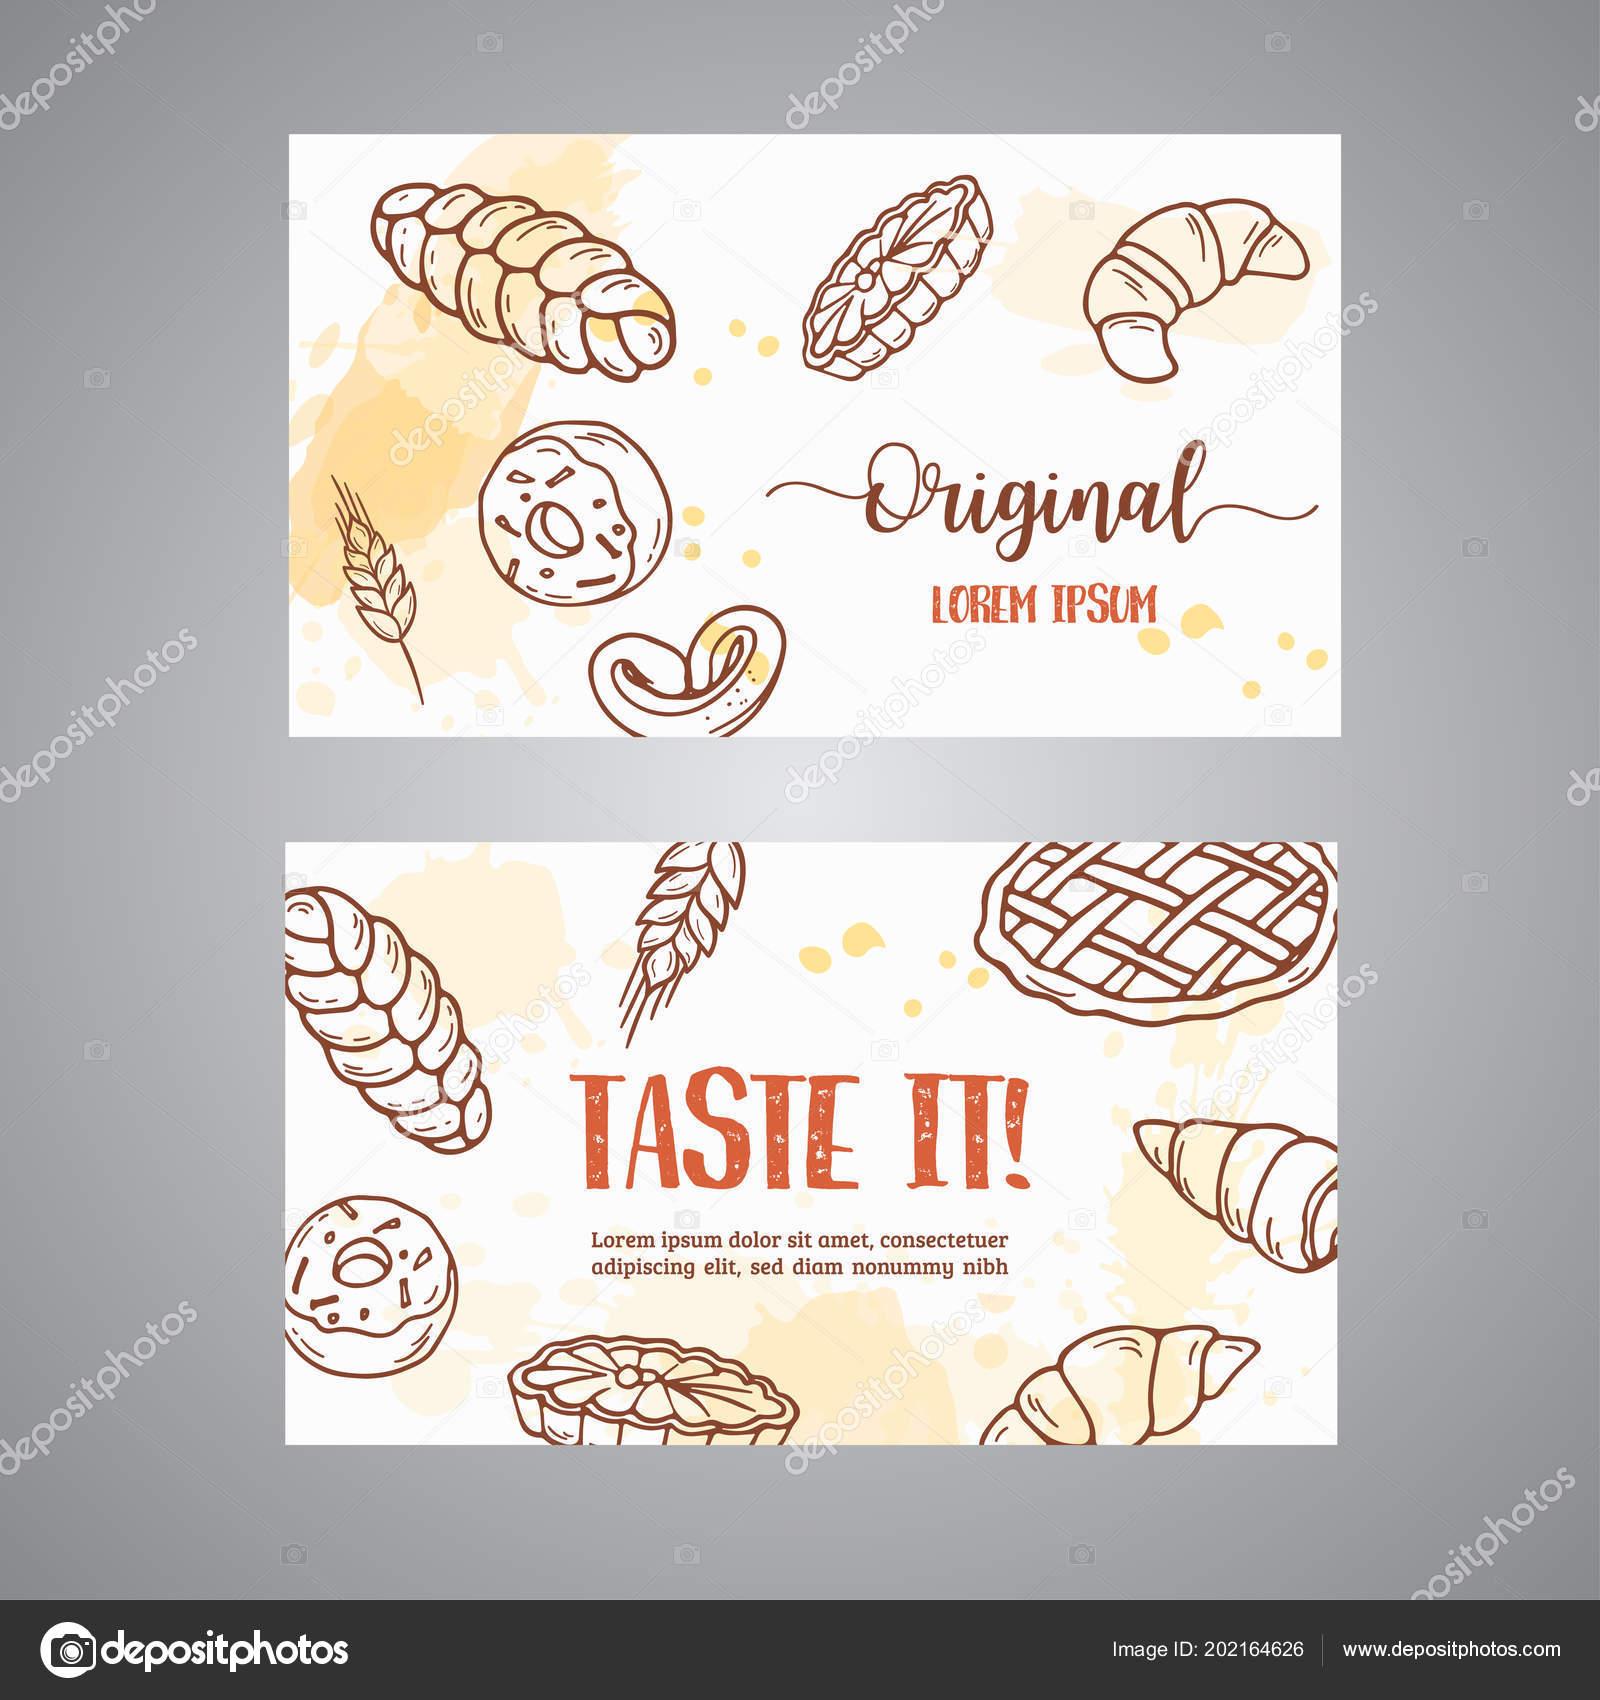 Vintage Carte De Visite Avec Croquis Boulangerie Patisseries Bonbons Desserts Gateau Muffin Et Chignon Dessine Main Design Pour Menu Banniere